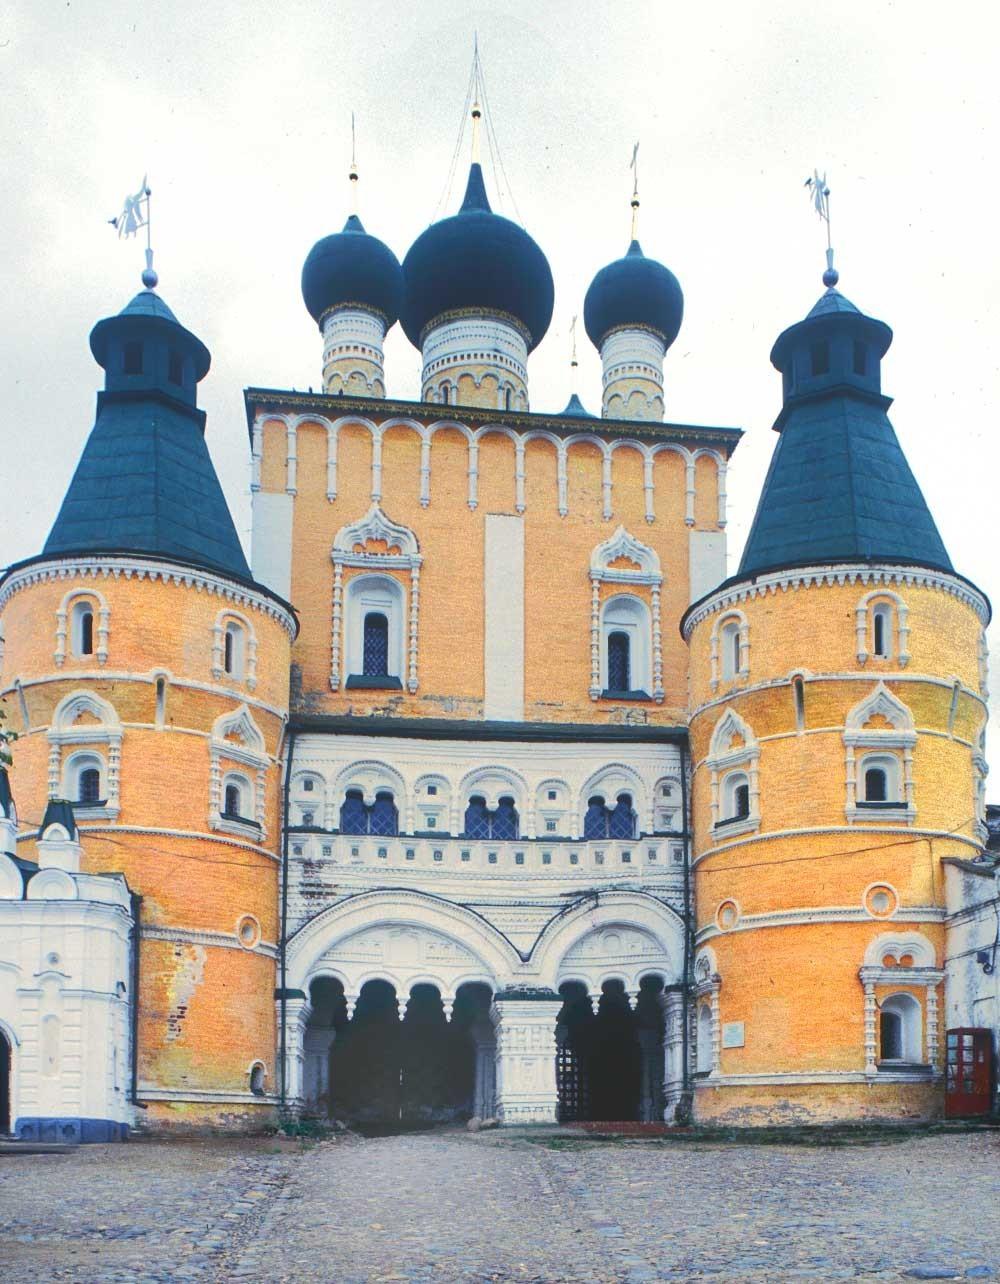 Severni pogled na Cerkev device Marije pri severnih vratih, 4. oktober 1992